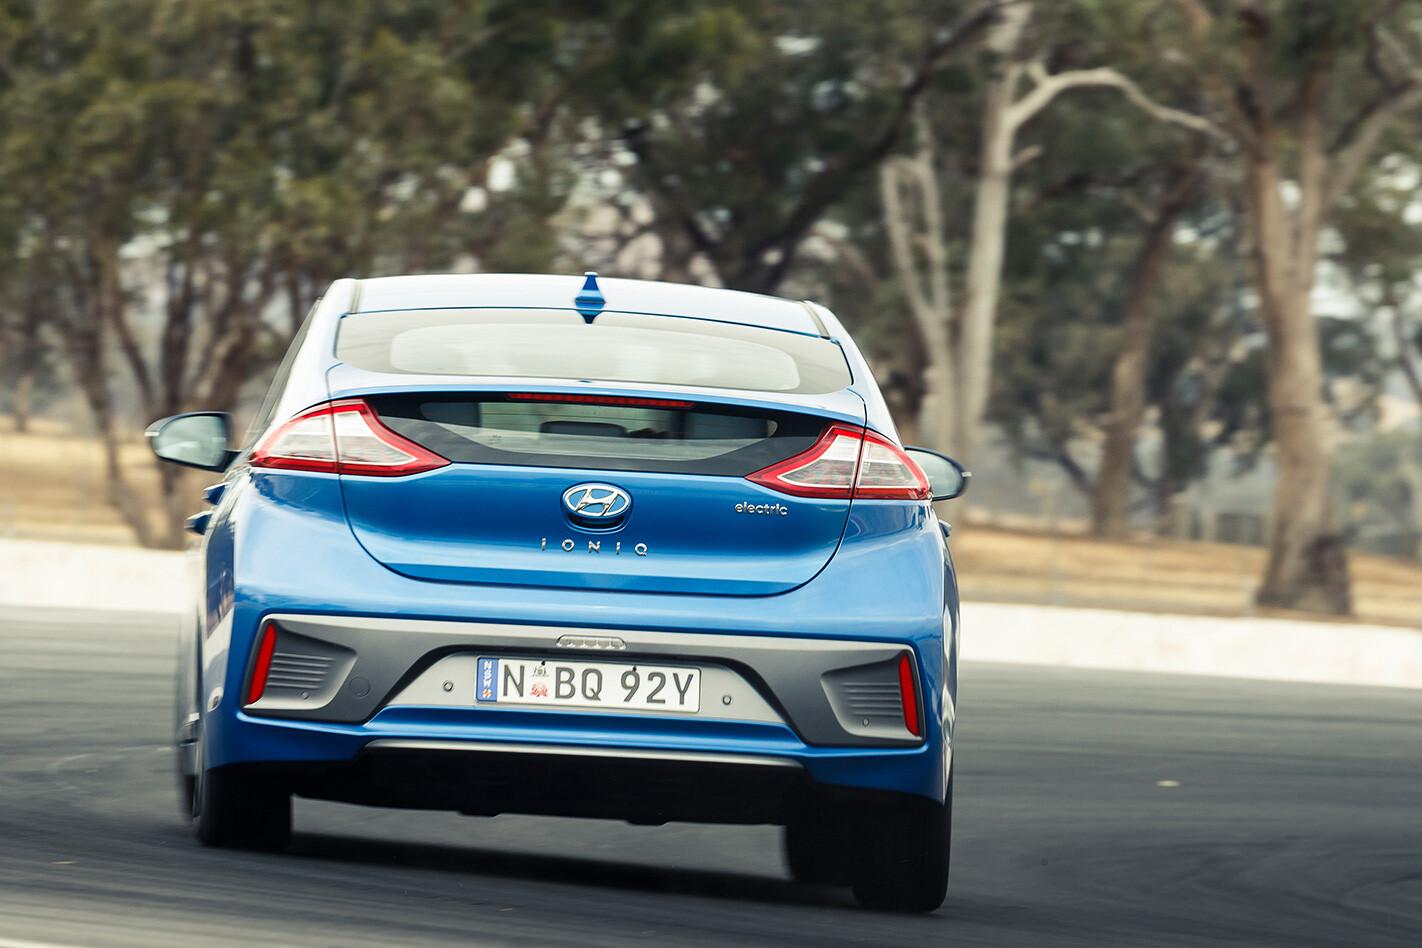 Hyundai Ioniq Rear Jpg